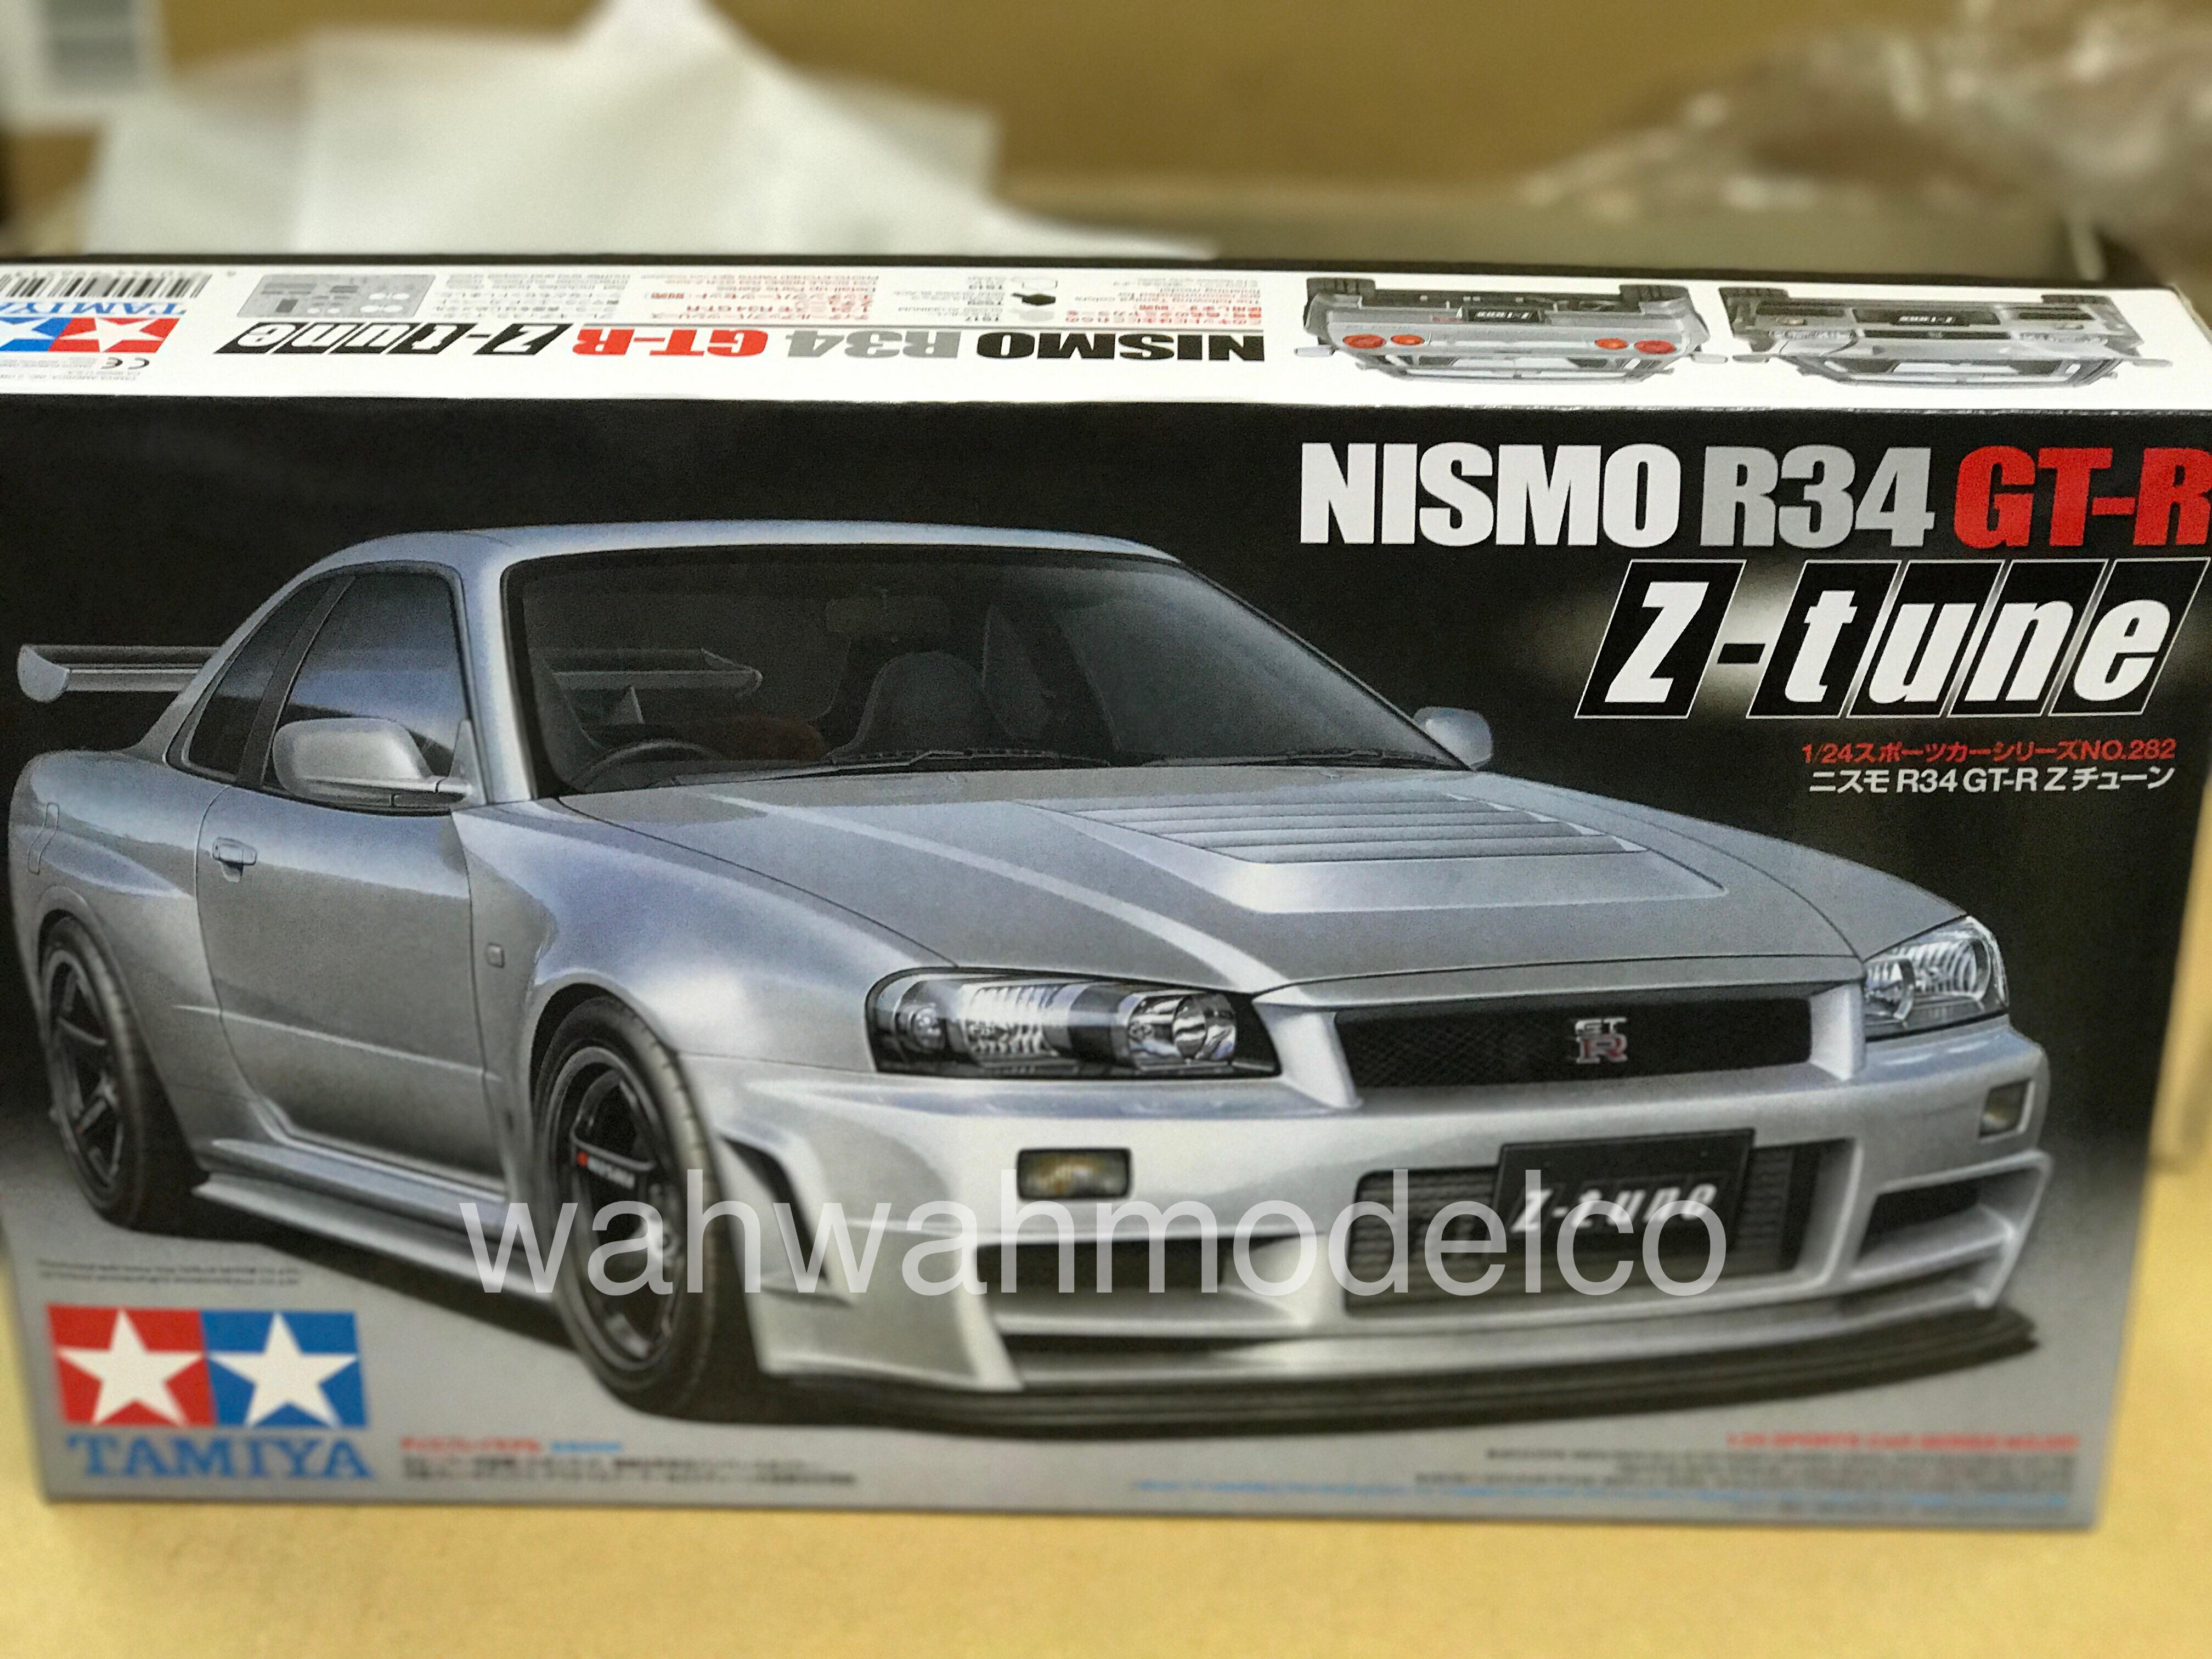 Tamiya 24282 1/24 NISMO R34 GT-R Z-tune